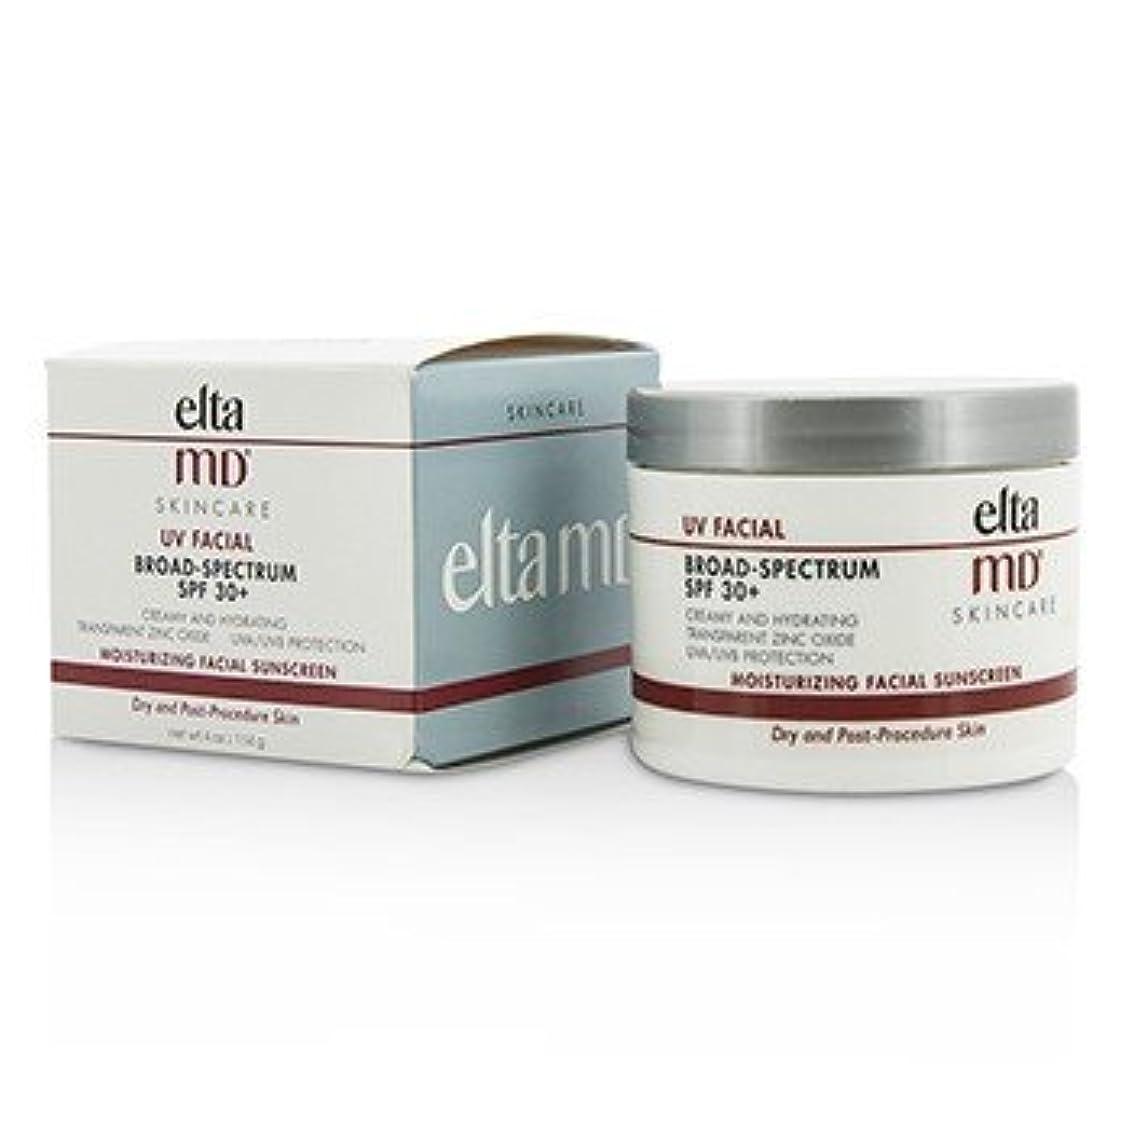 帽子十代確執[EltaMD] UV Facial Moisturizing Facial Sunscreen SPF 30 - For Dry & Post Procedure Skin 114g/4oz